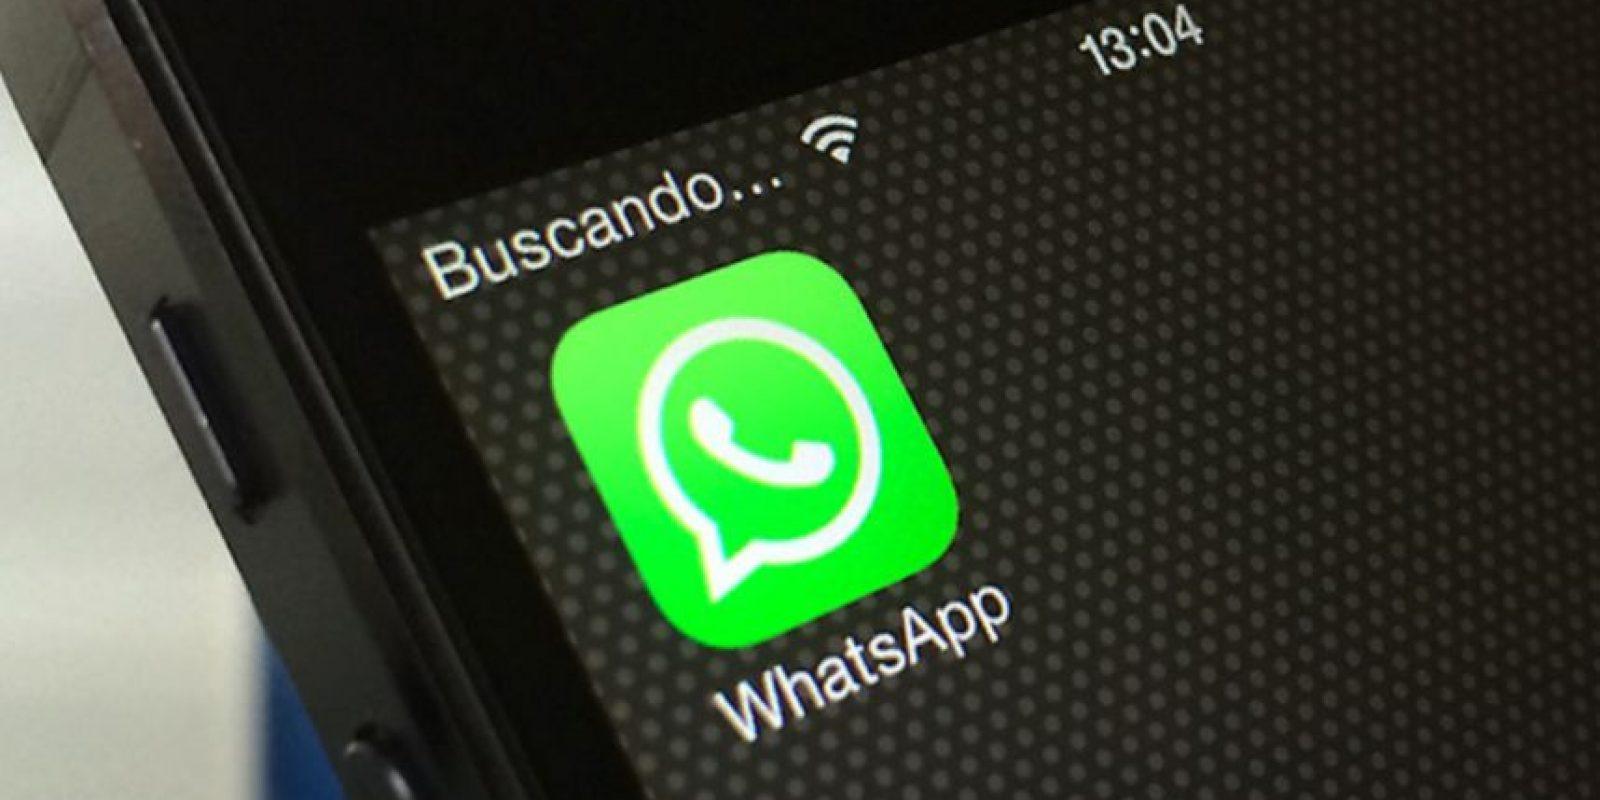 La aplicación de mensajería inició exclusivamente para los usuarios de iPhone. Foto:AP